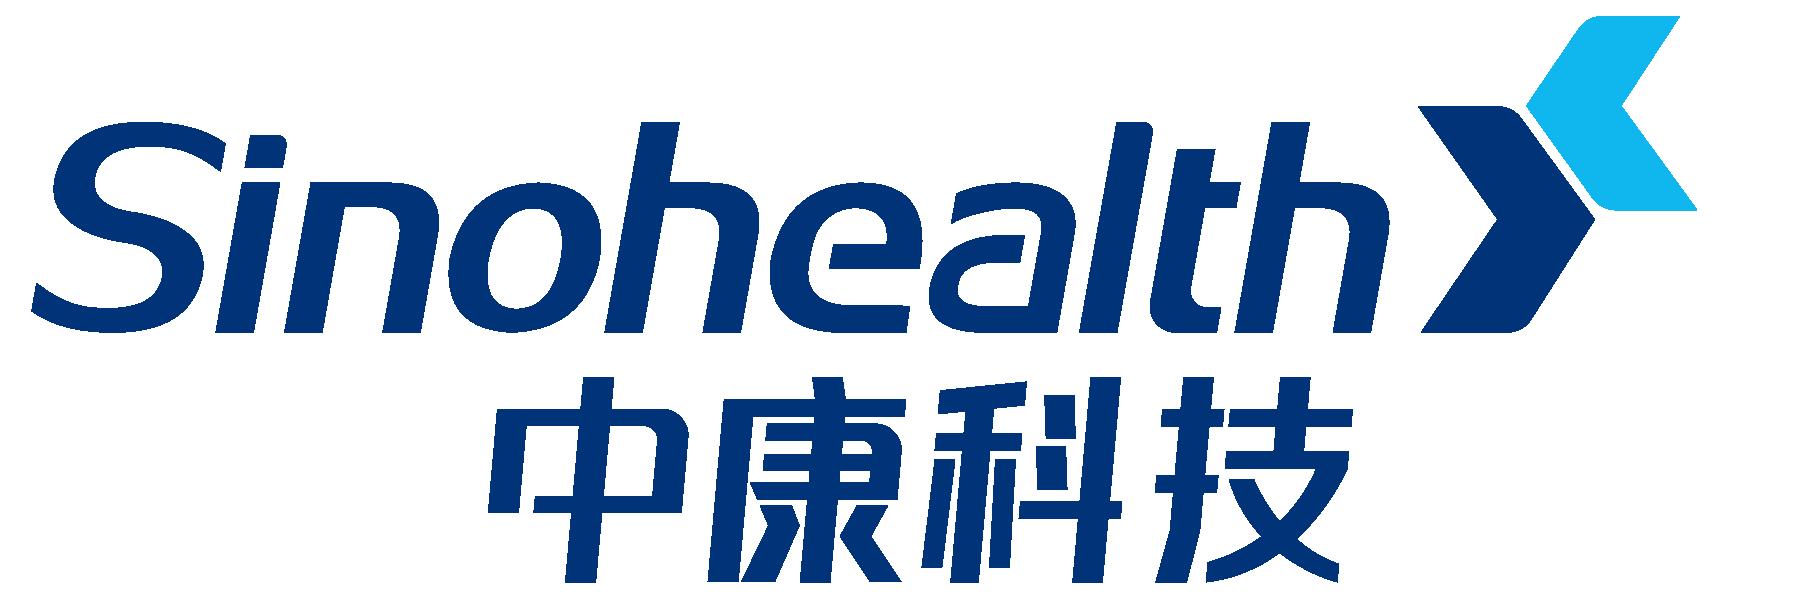 2021西普会   中康科技与华为云战略合作 加速医药健康产业数智化进程